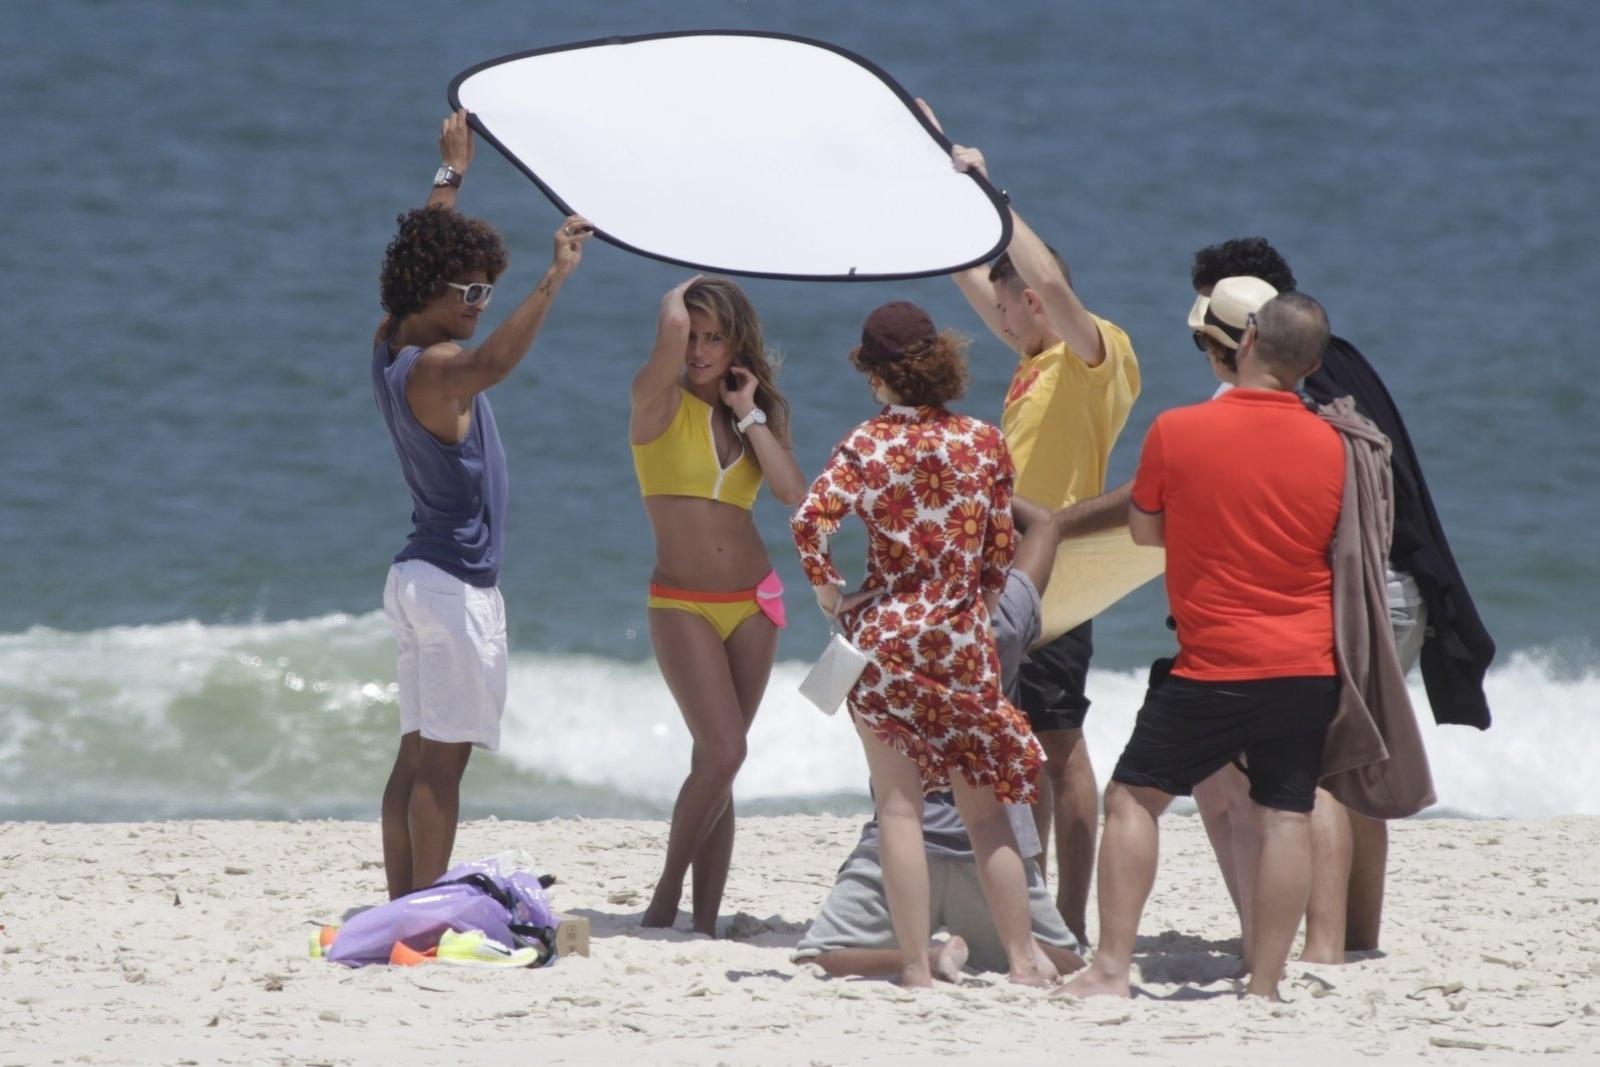 10.out.2014 - Deborah Secco aparece de biquíni enquanto fotografa na praia da Barra da Tijuca, no Rio de Janeiro